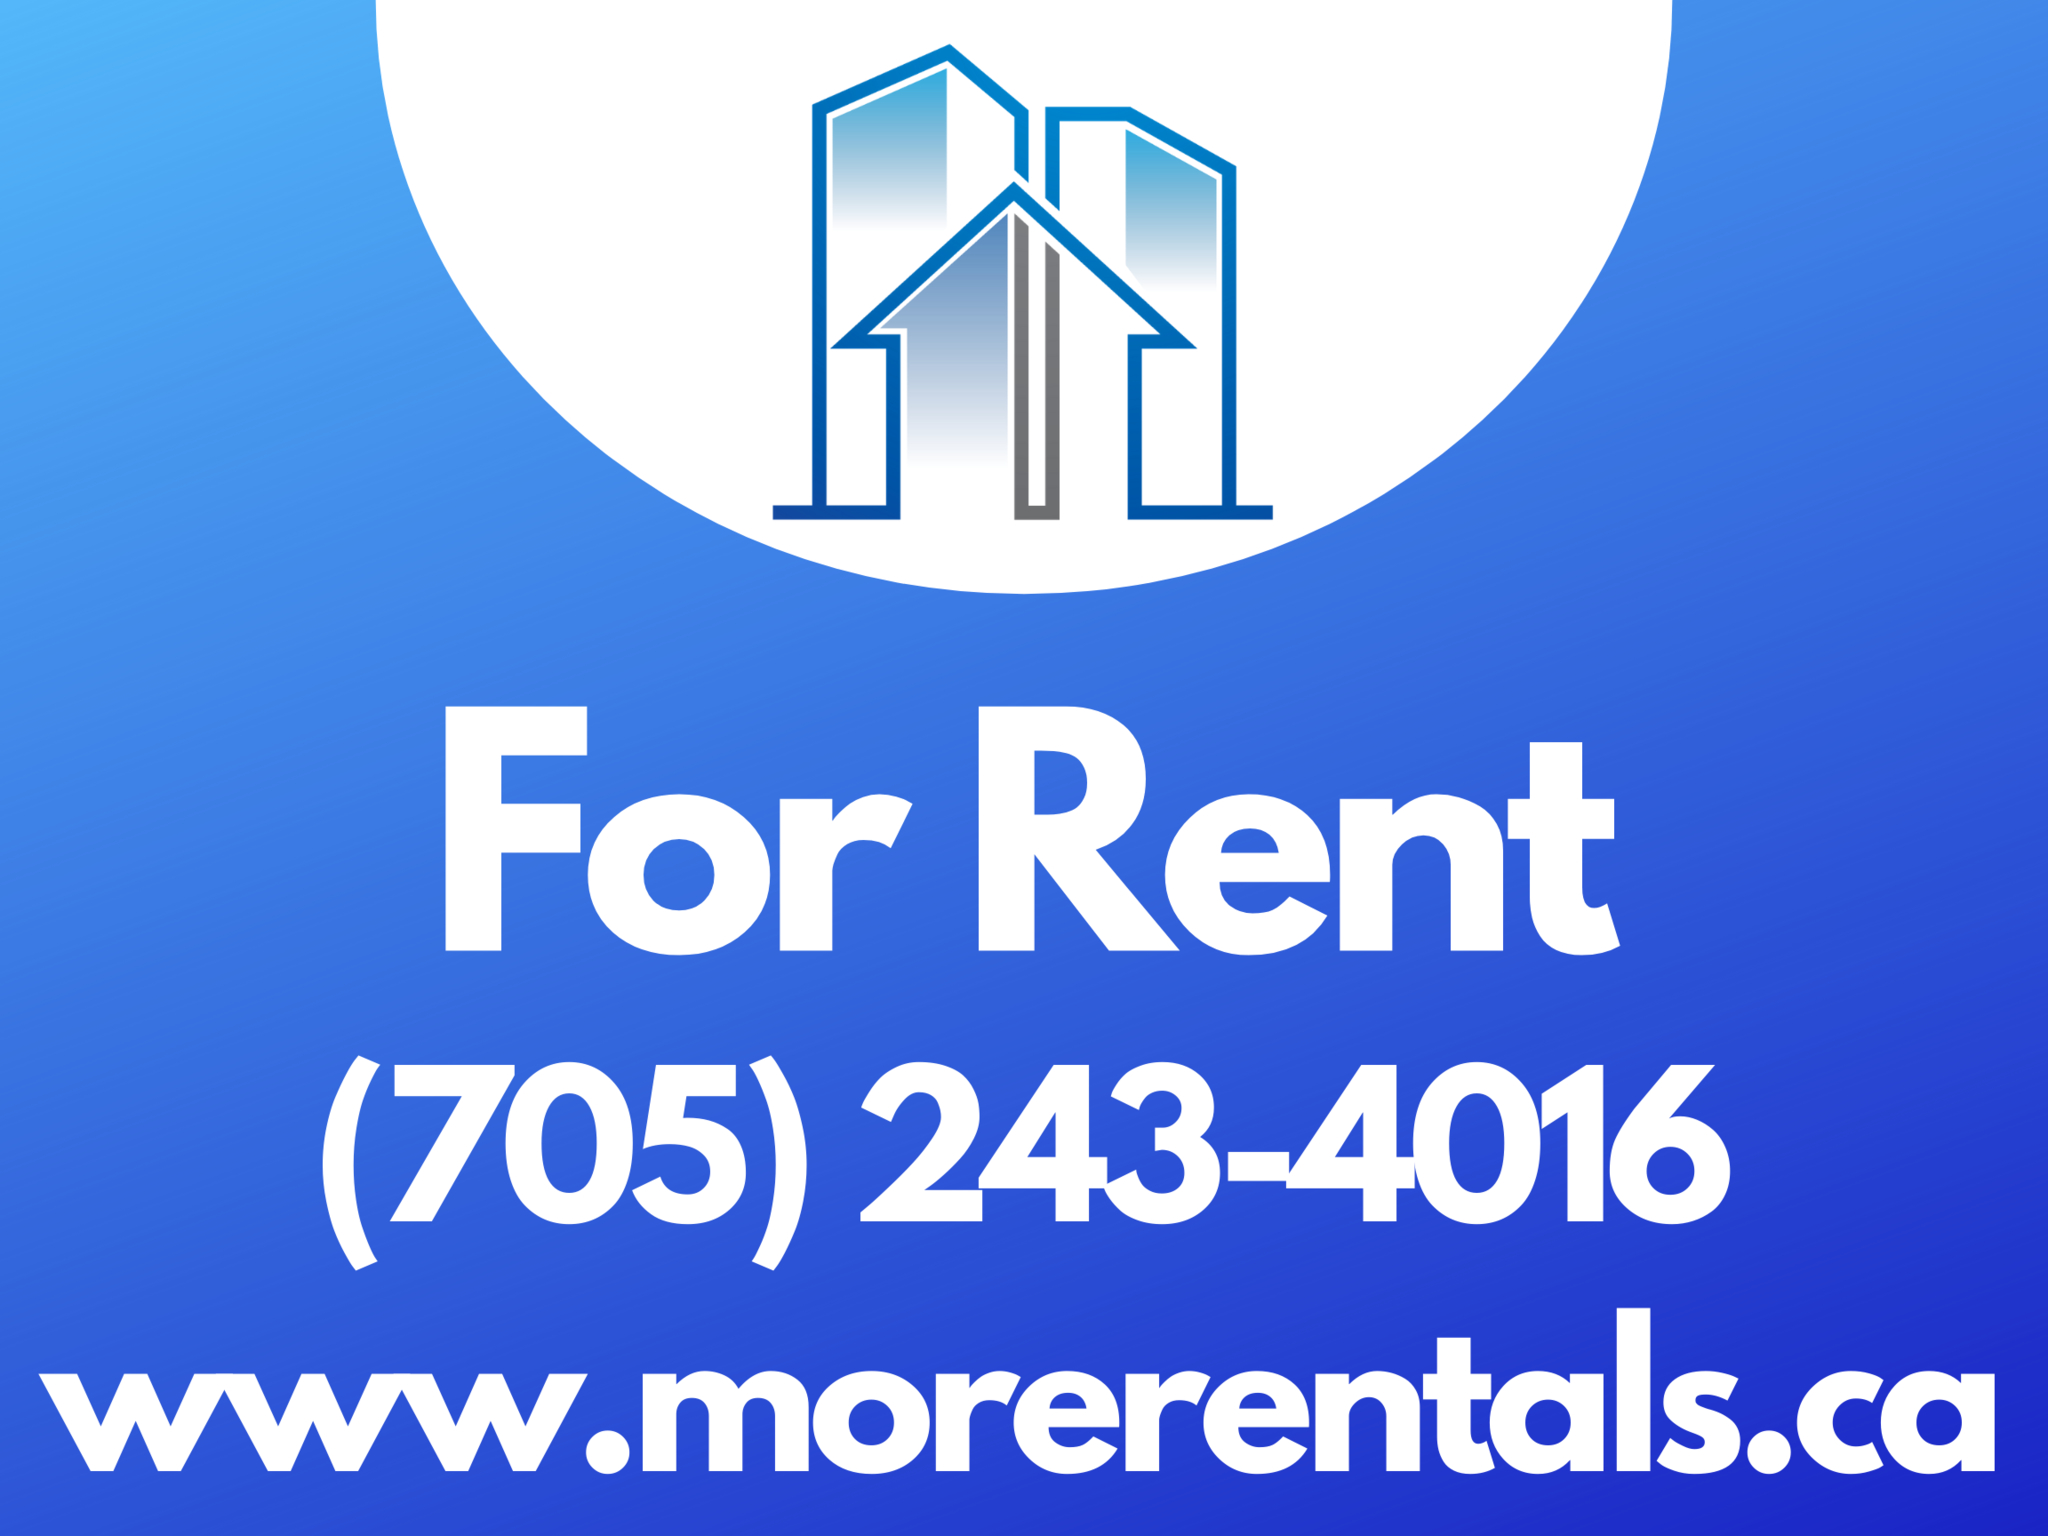 More Rentals Inc.